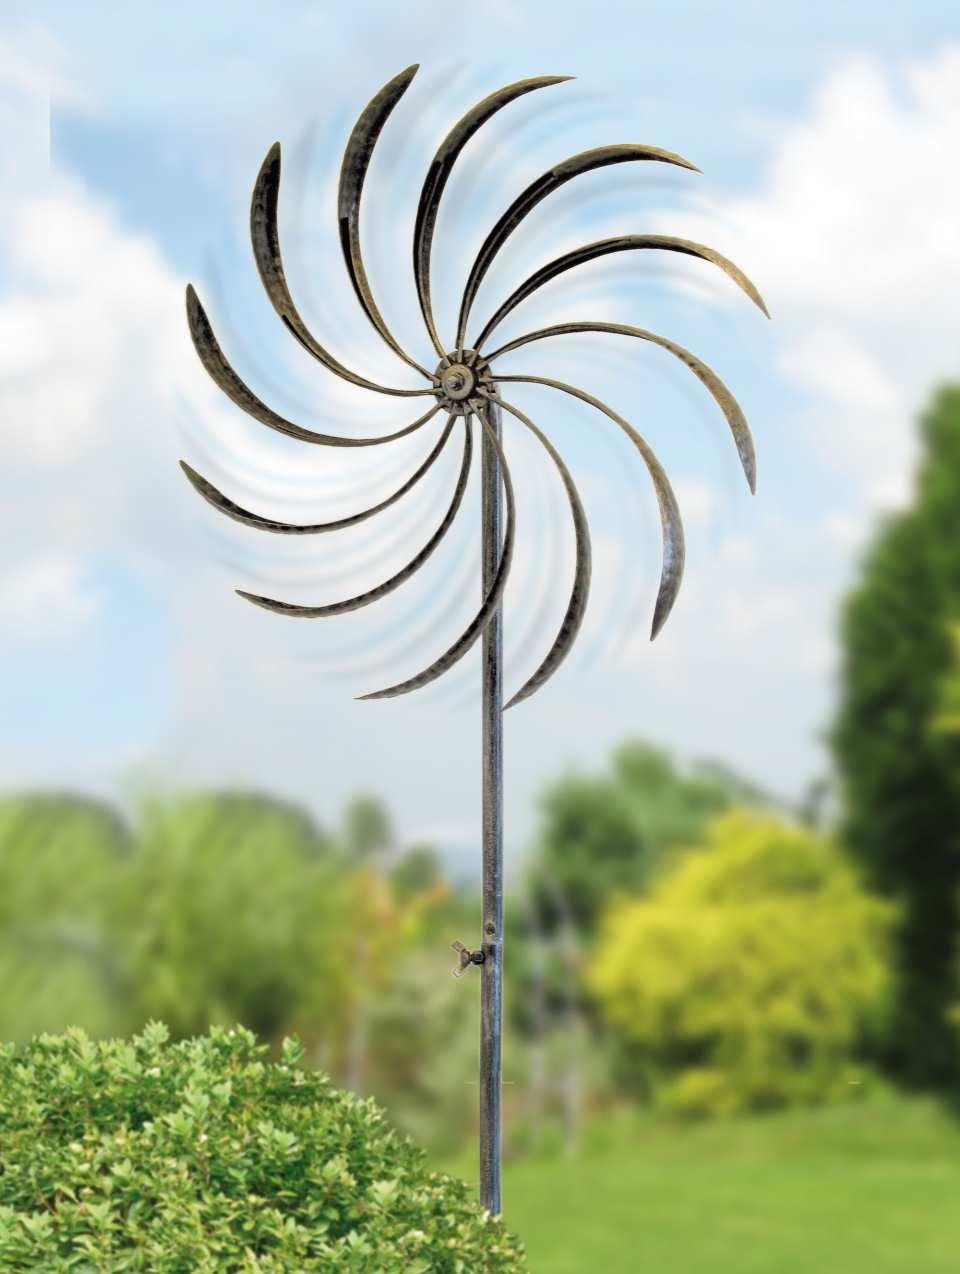 Ideal Wetterfeste Gartenstele ueWindm hle ud aus lackiertem Eisenblech Bereits bei einer leichten Brise dreht sich dieses imposante Windrad im Wind